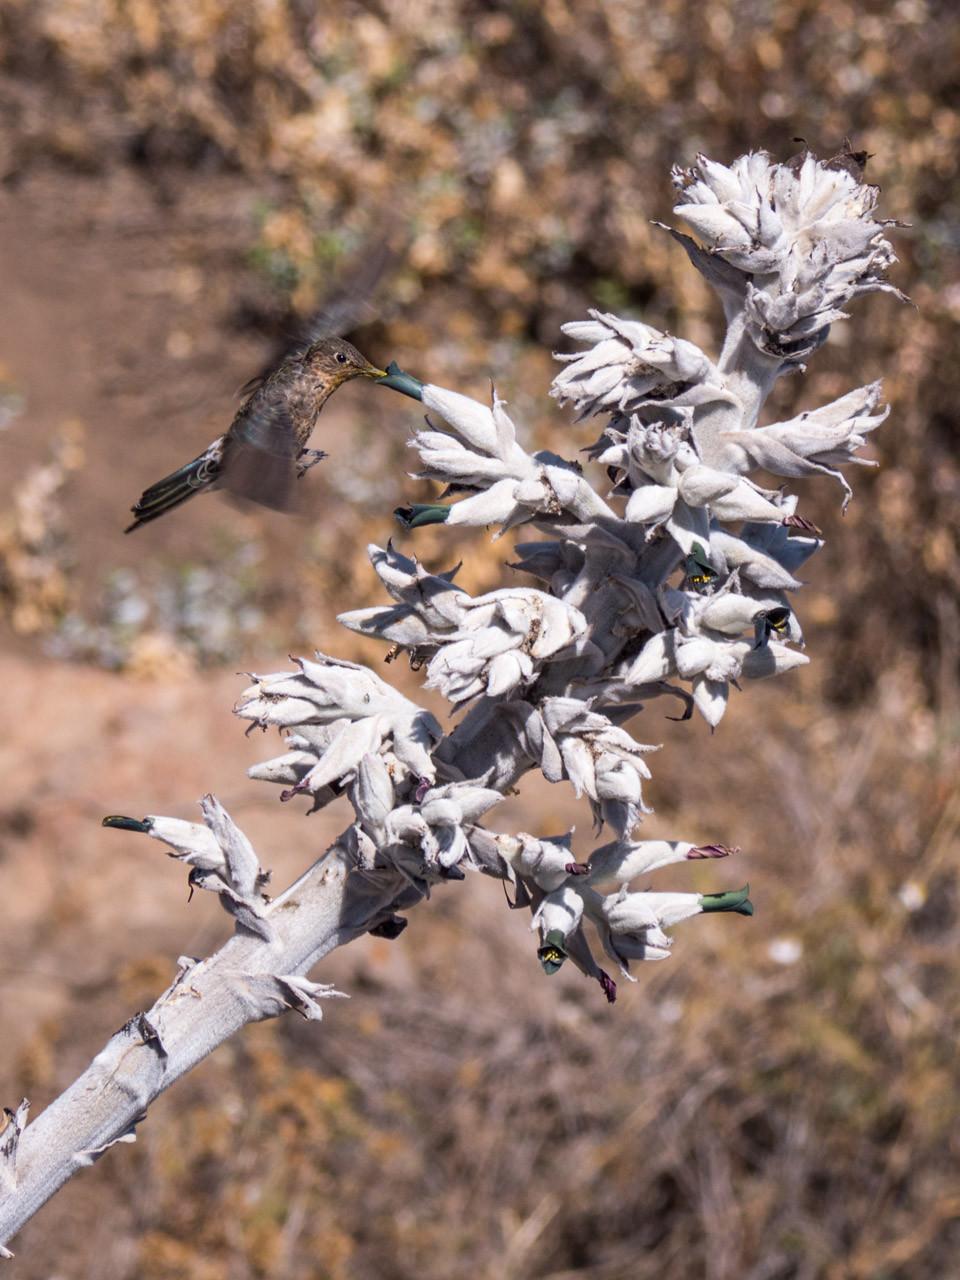 Giant hummingbird at Colca canyon, Mirador Cruz del Condor [Peru, 2014]